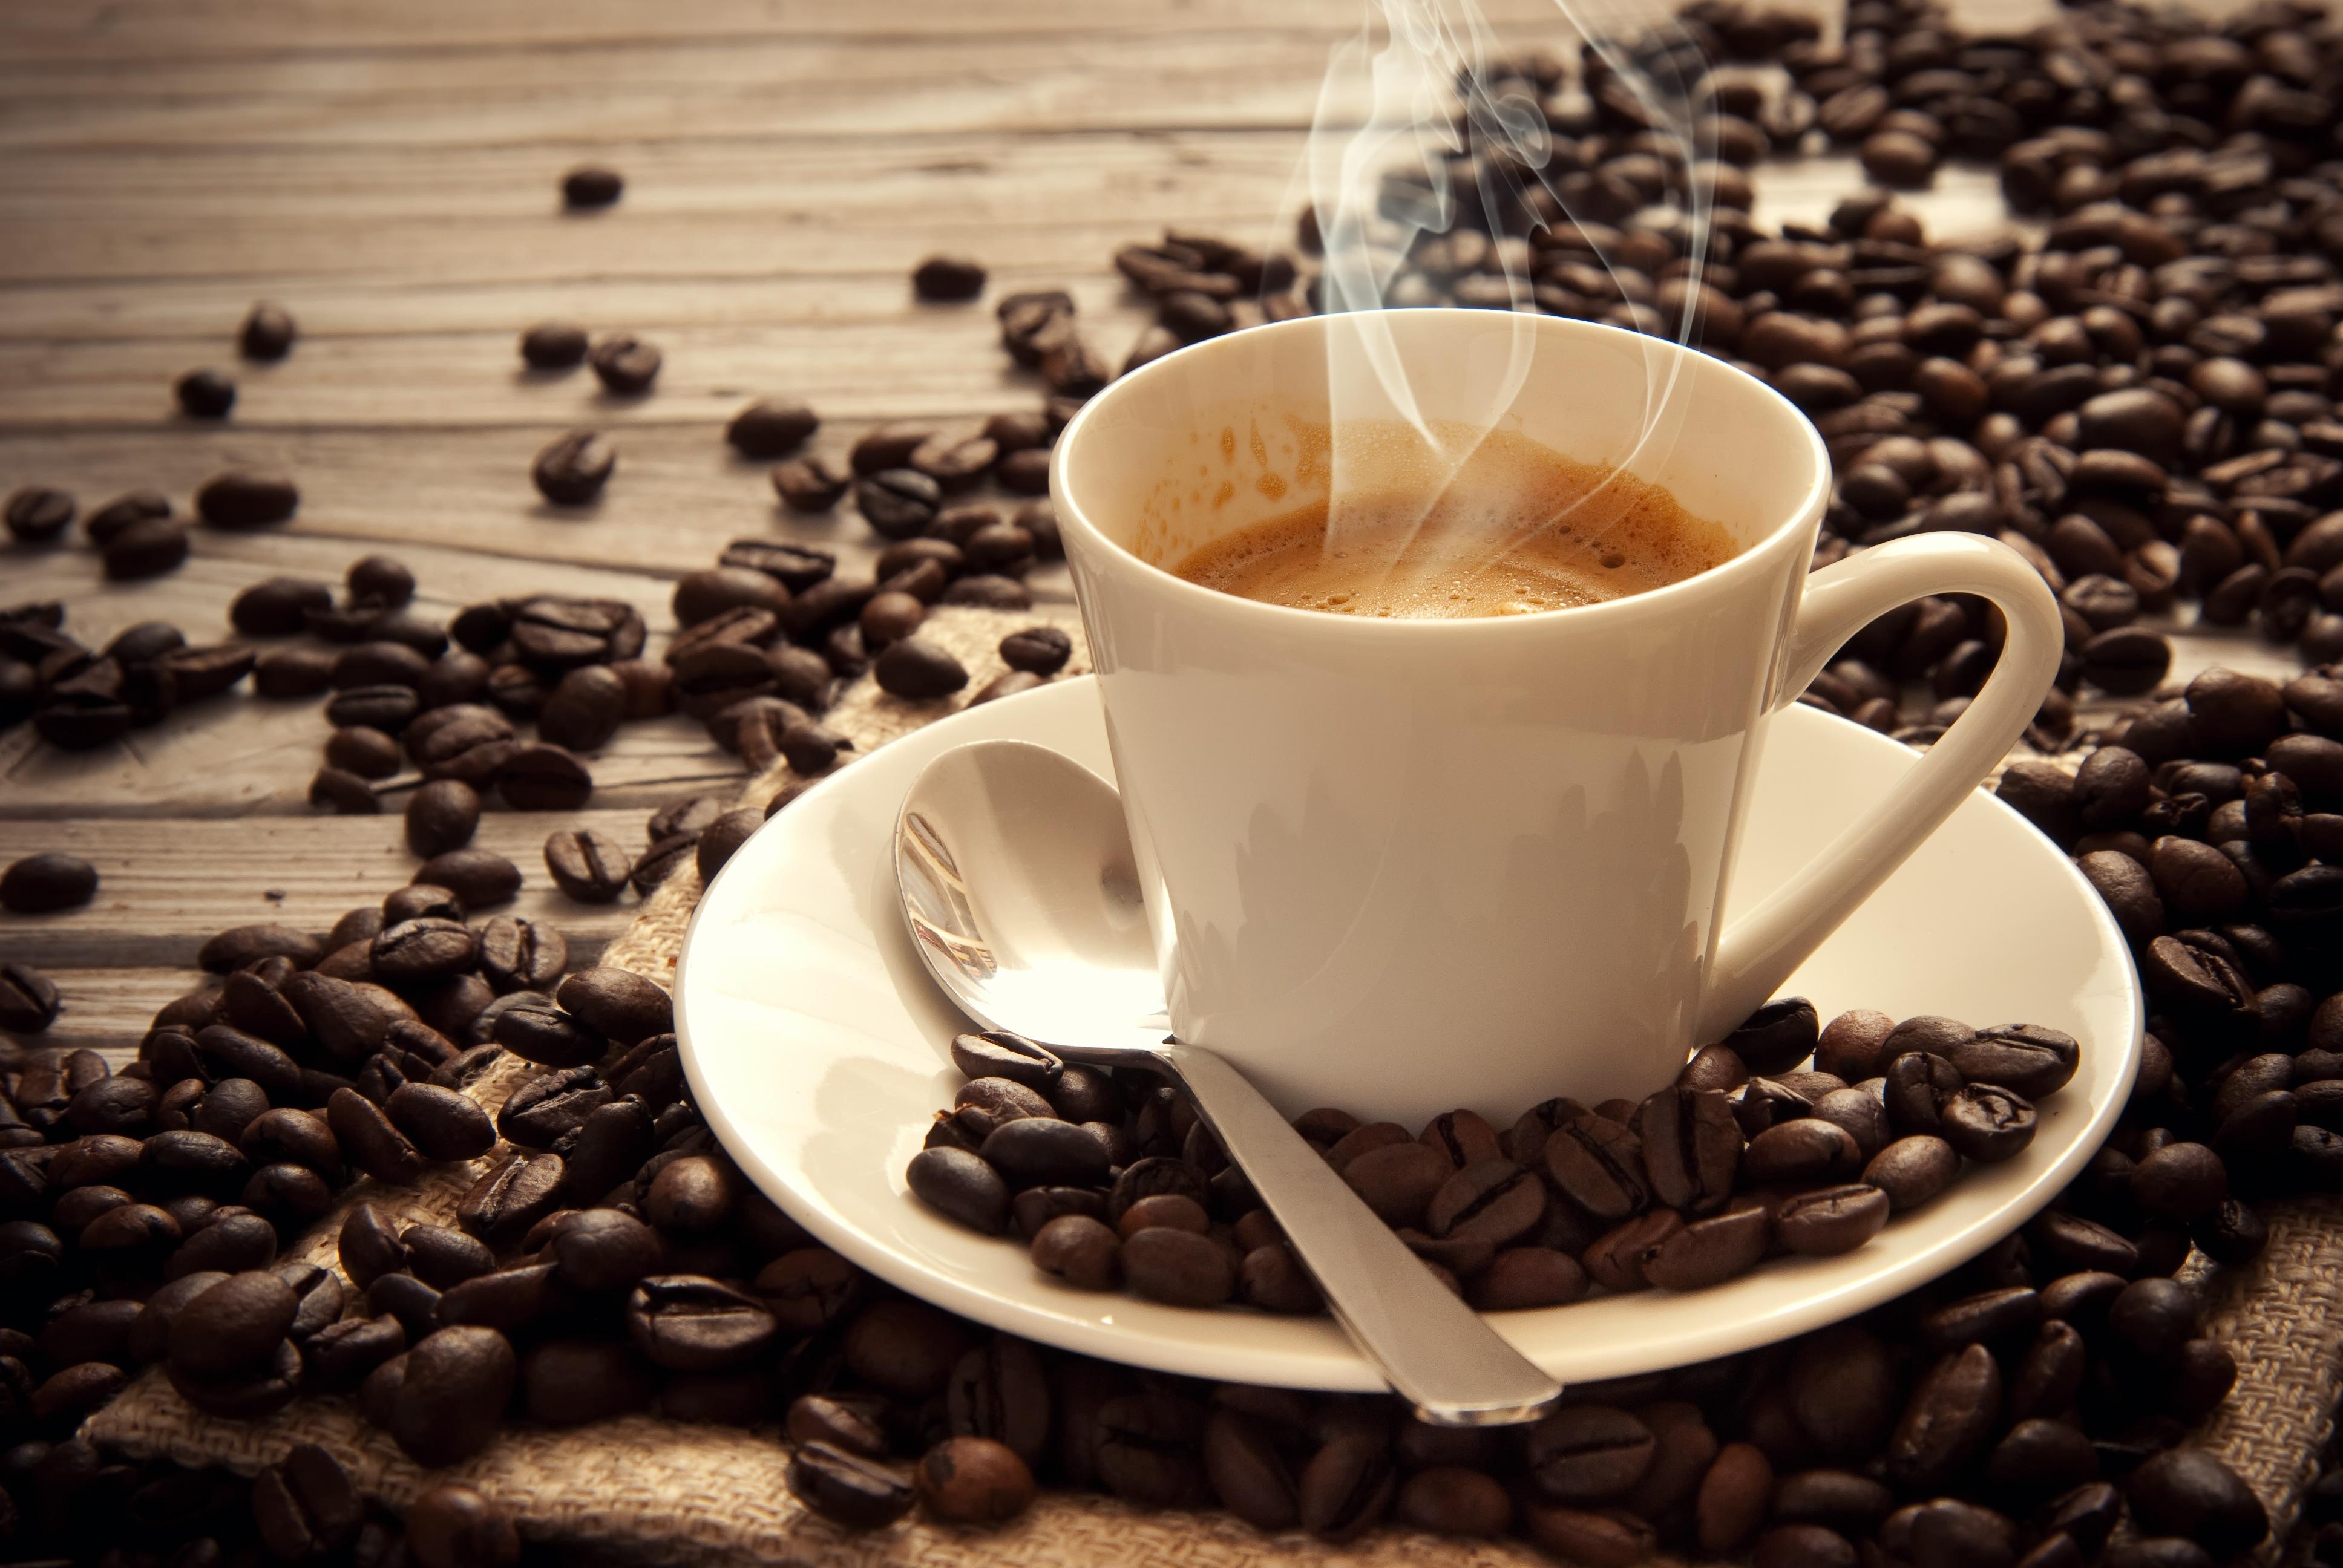 Storia di un grande amore chiamato caffè - Noi Siamo Futuro